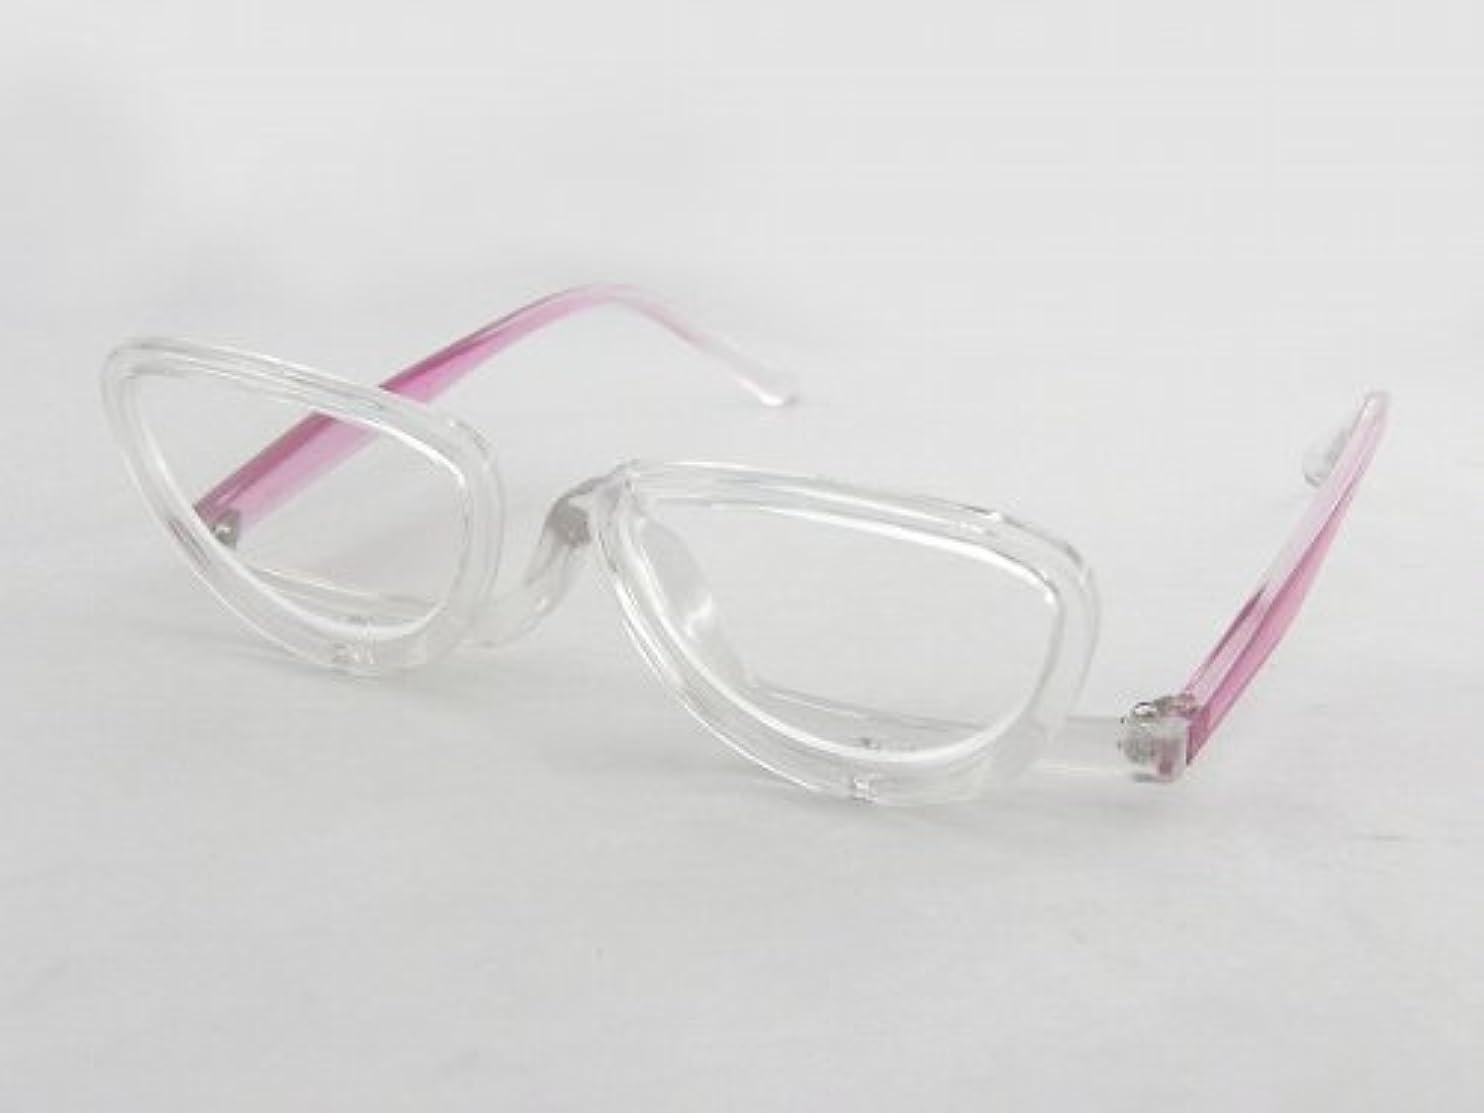 戦争エラー重量お化粧専用老眼鏡 メイクアップグラス?老眼鏡 4600-30